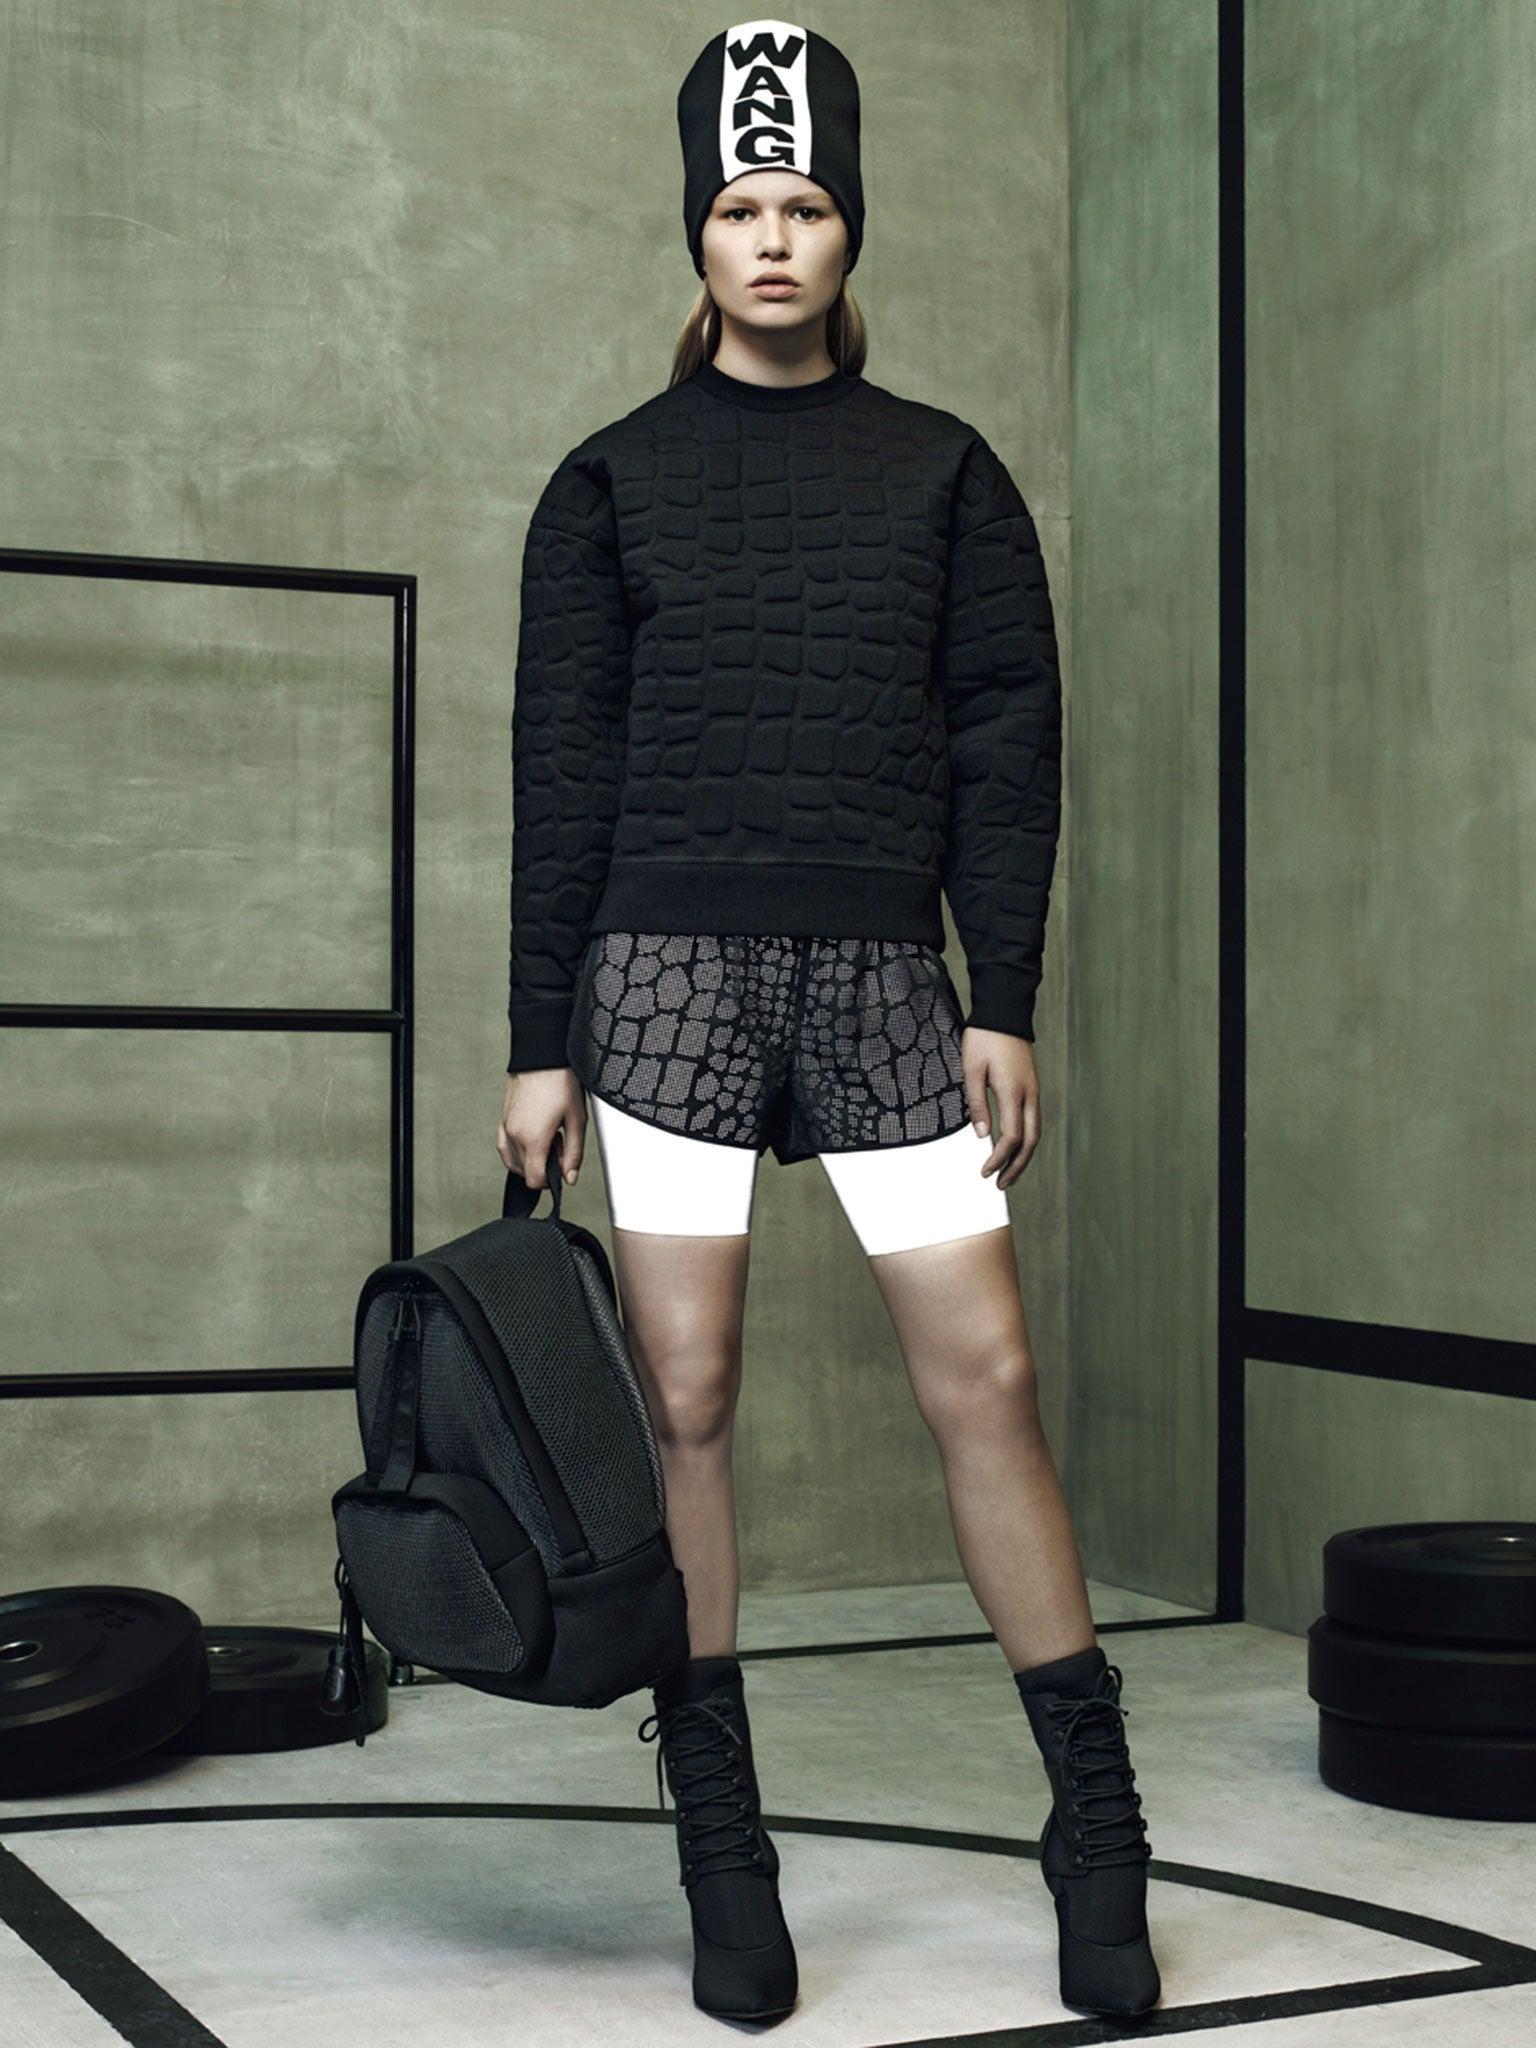 to wear - Wang Newsalexander for hm lookbook video